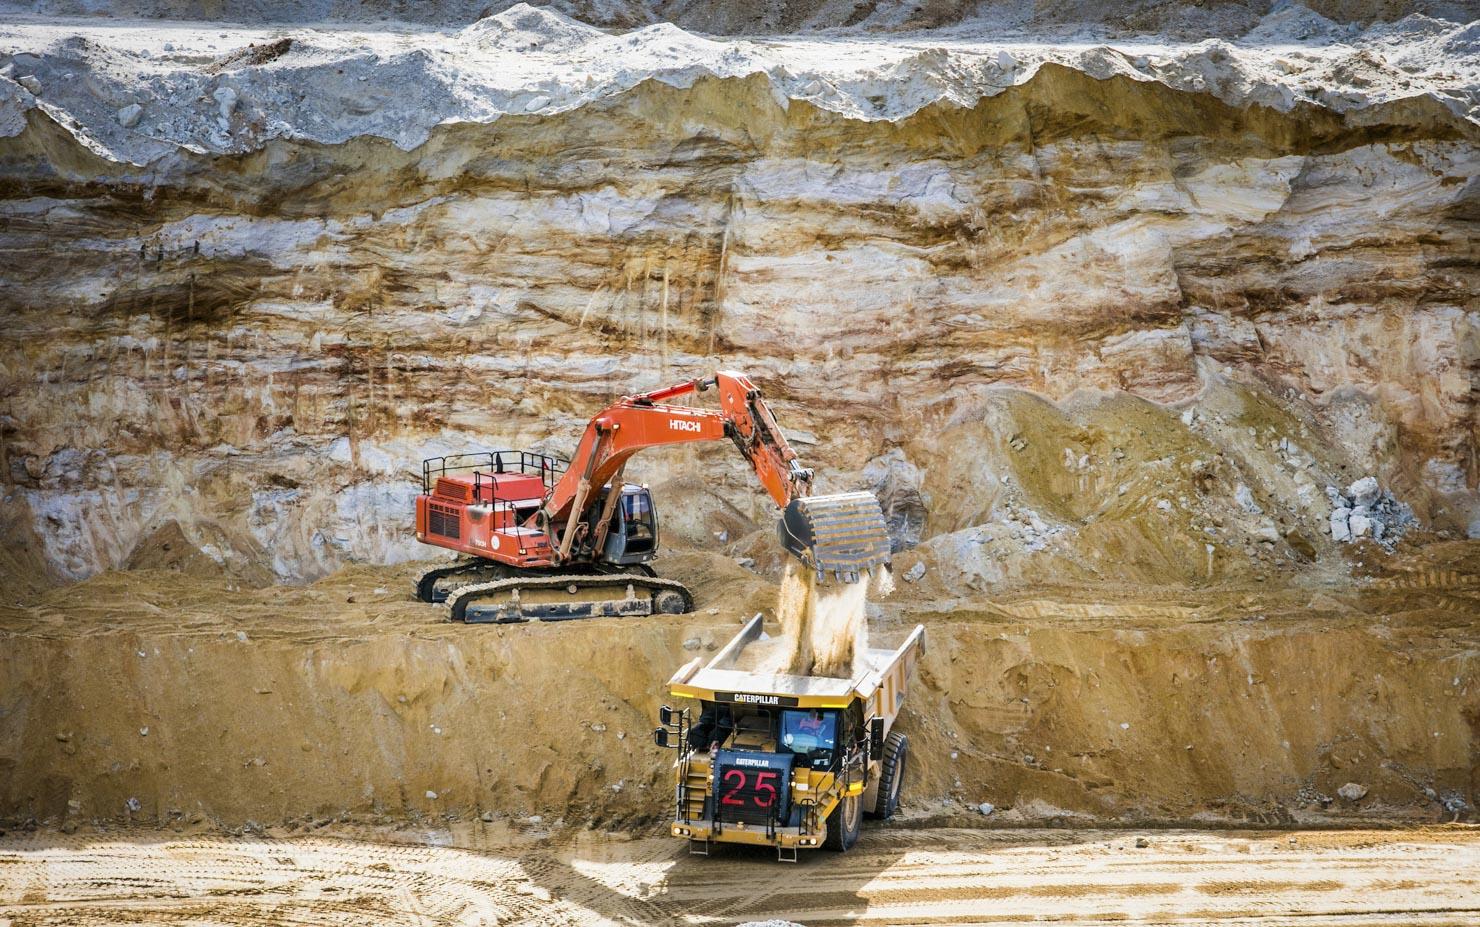 Boral Quarry Bacchus Marsh Victoria Australia